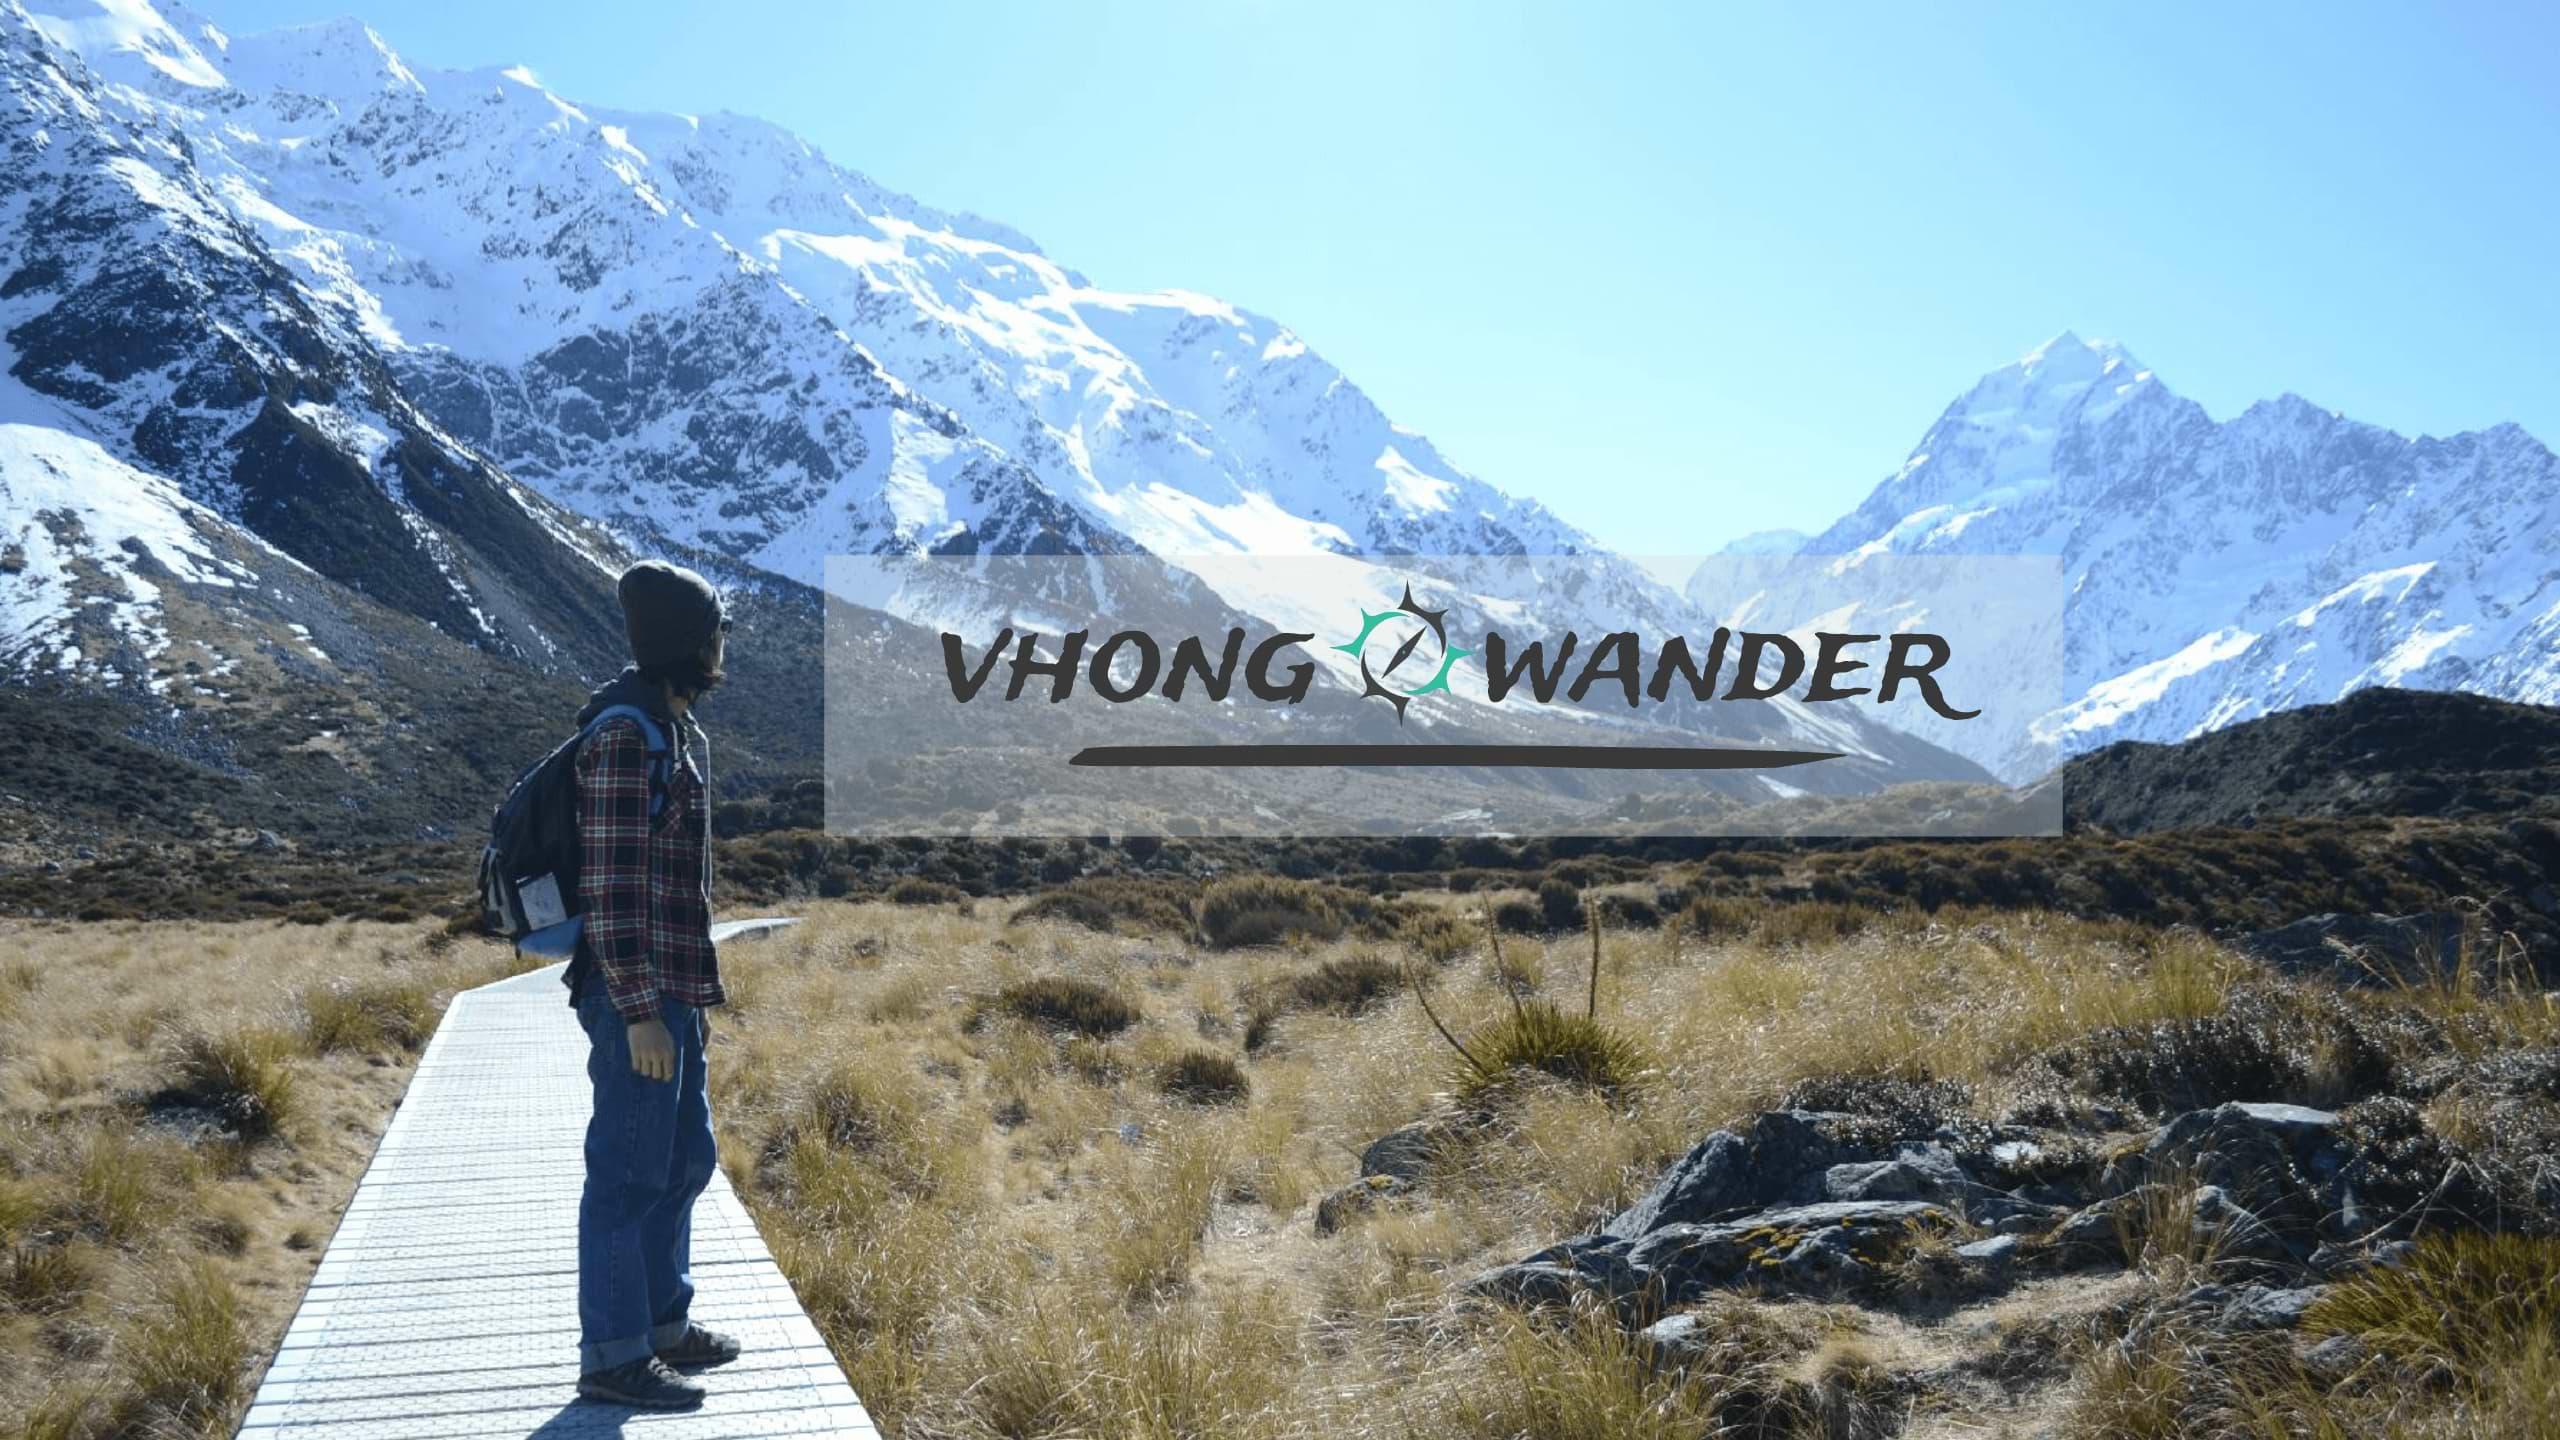 VHong Wander Youtube Channel Art